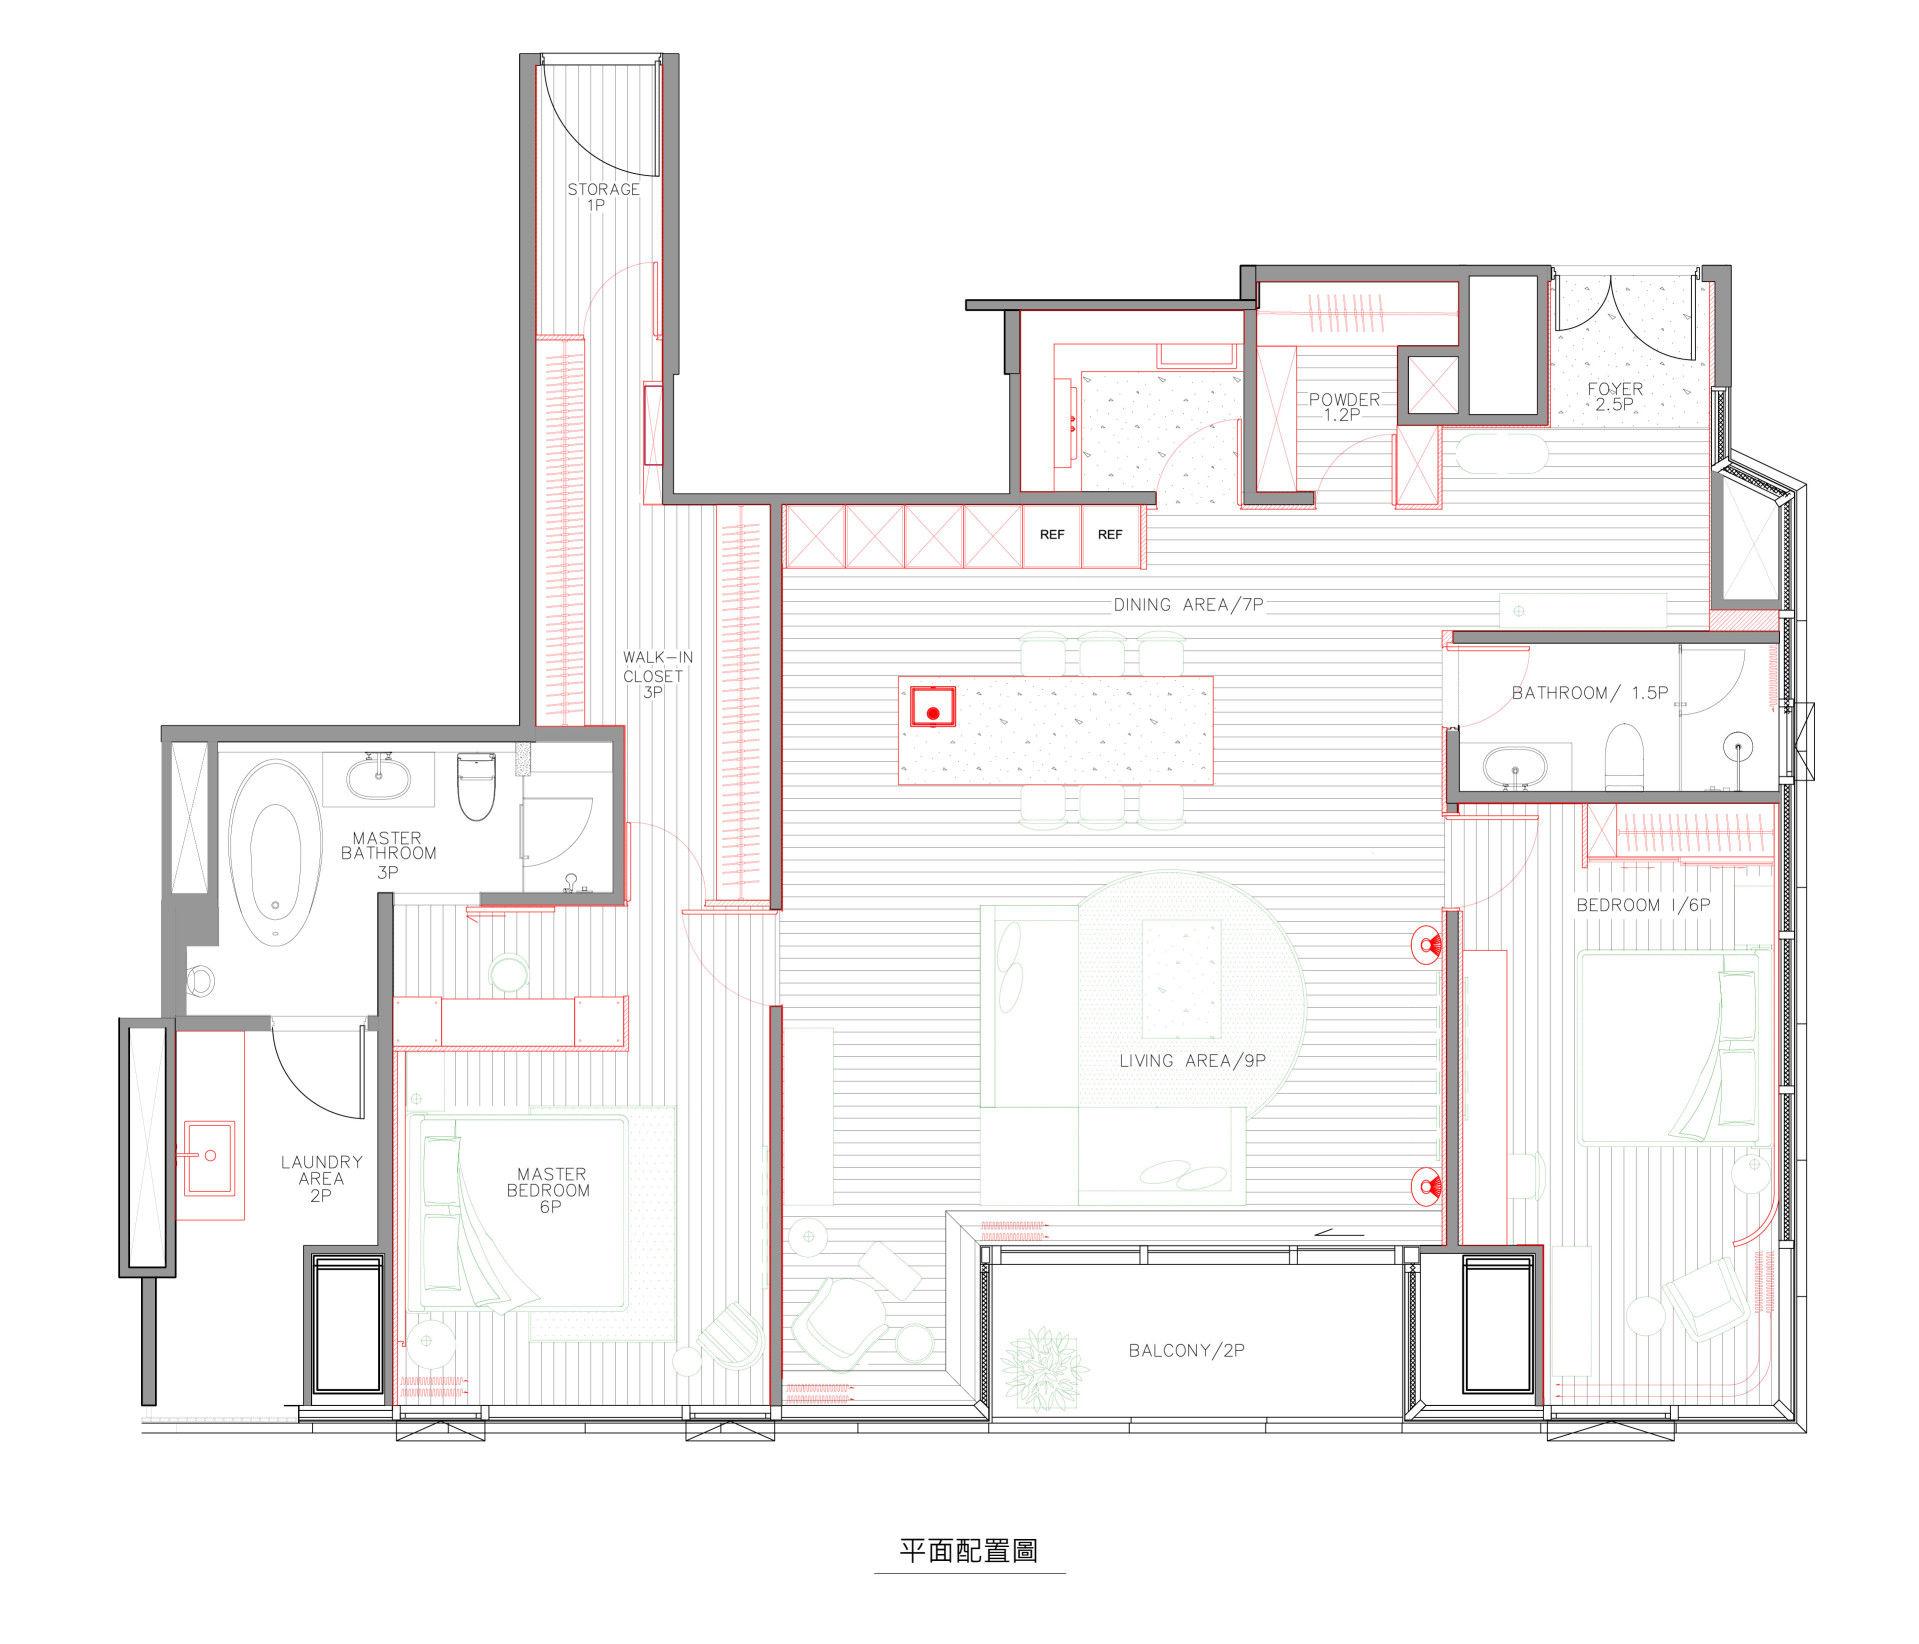 分子室內裝修設計-住宅空間設計-現代住宅-平面規劃-平面圖